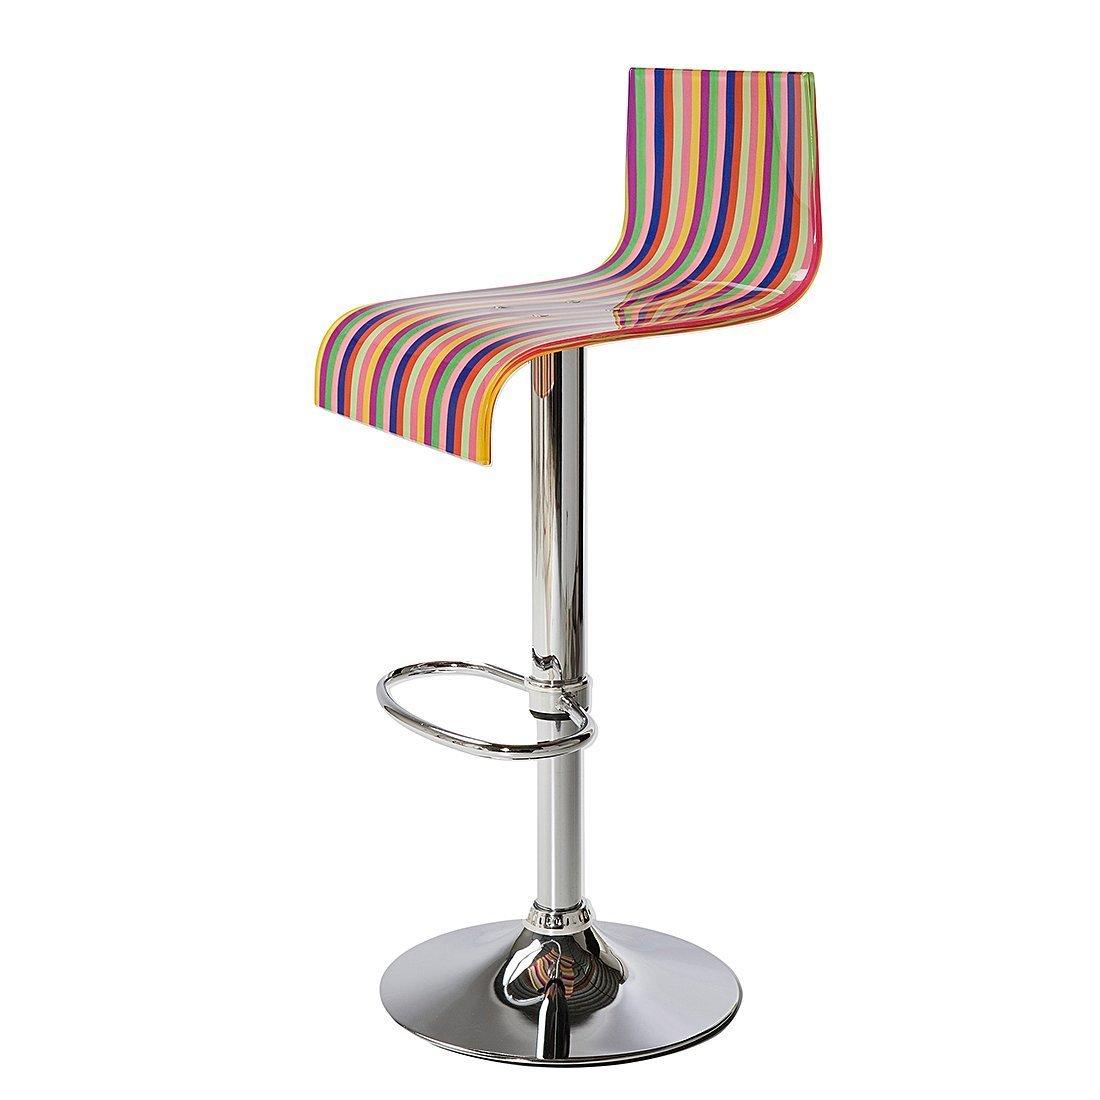 amazon 106.12 Kare Design - Sgabello da bar, motivo a righe ...